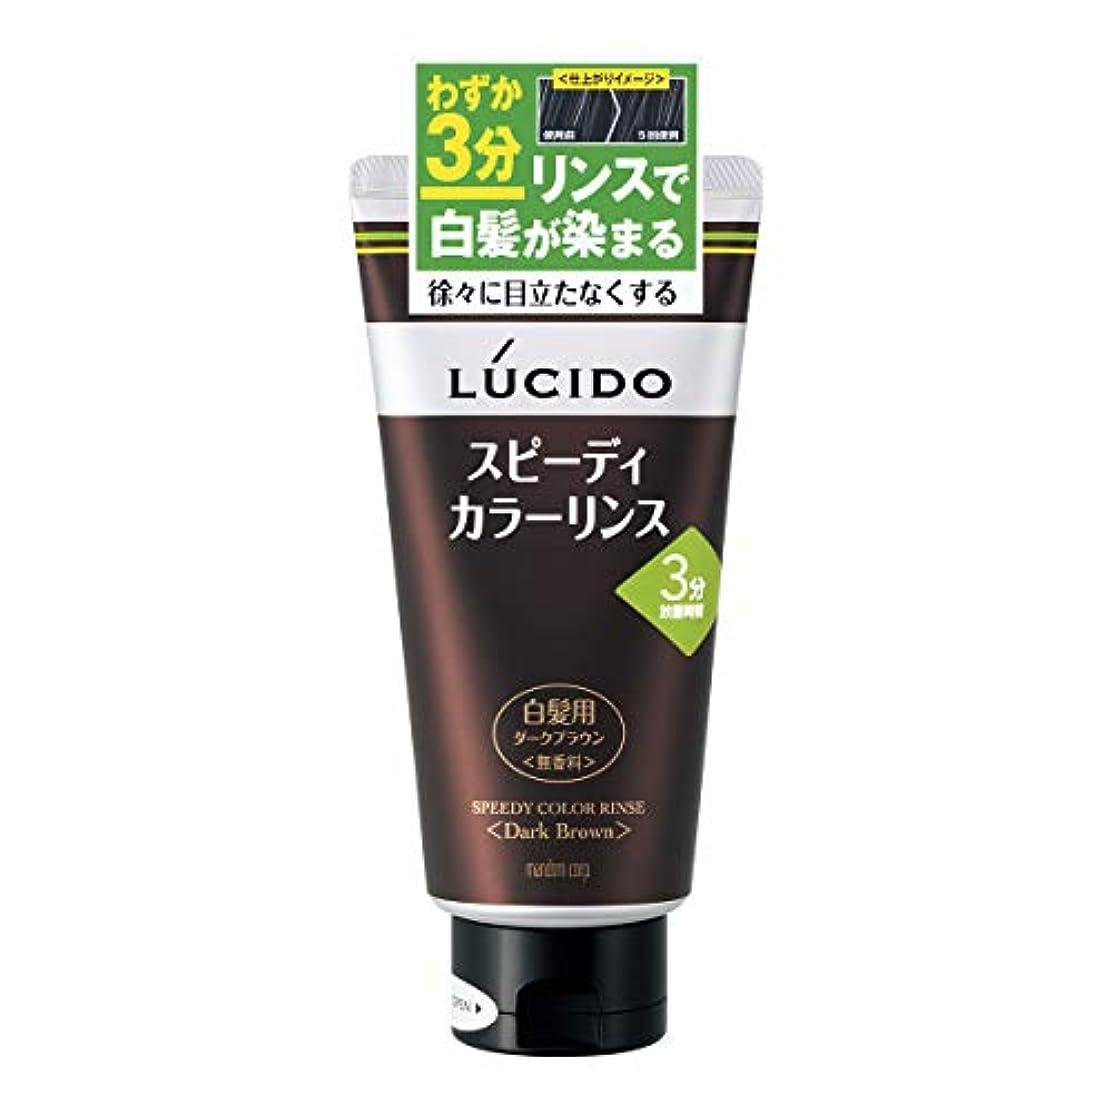 蓄積する形状写真のLUCIDO(ルシード) スピーディカラーリンス ダークブラウン 160g リンスで簡単白髪染め